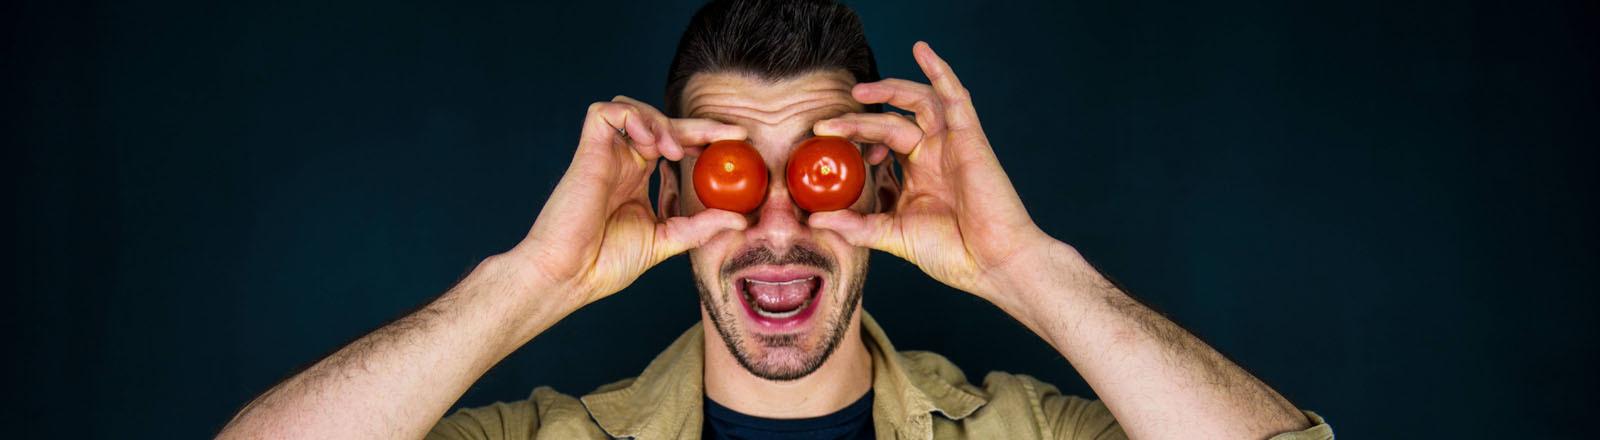 Ein Mann hält sich zwei Tomaten vor seine Augen.